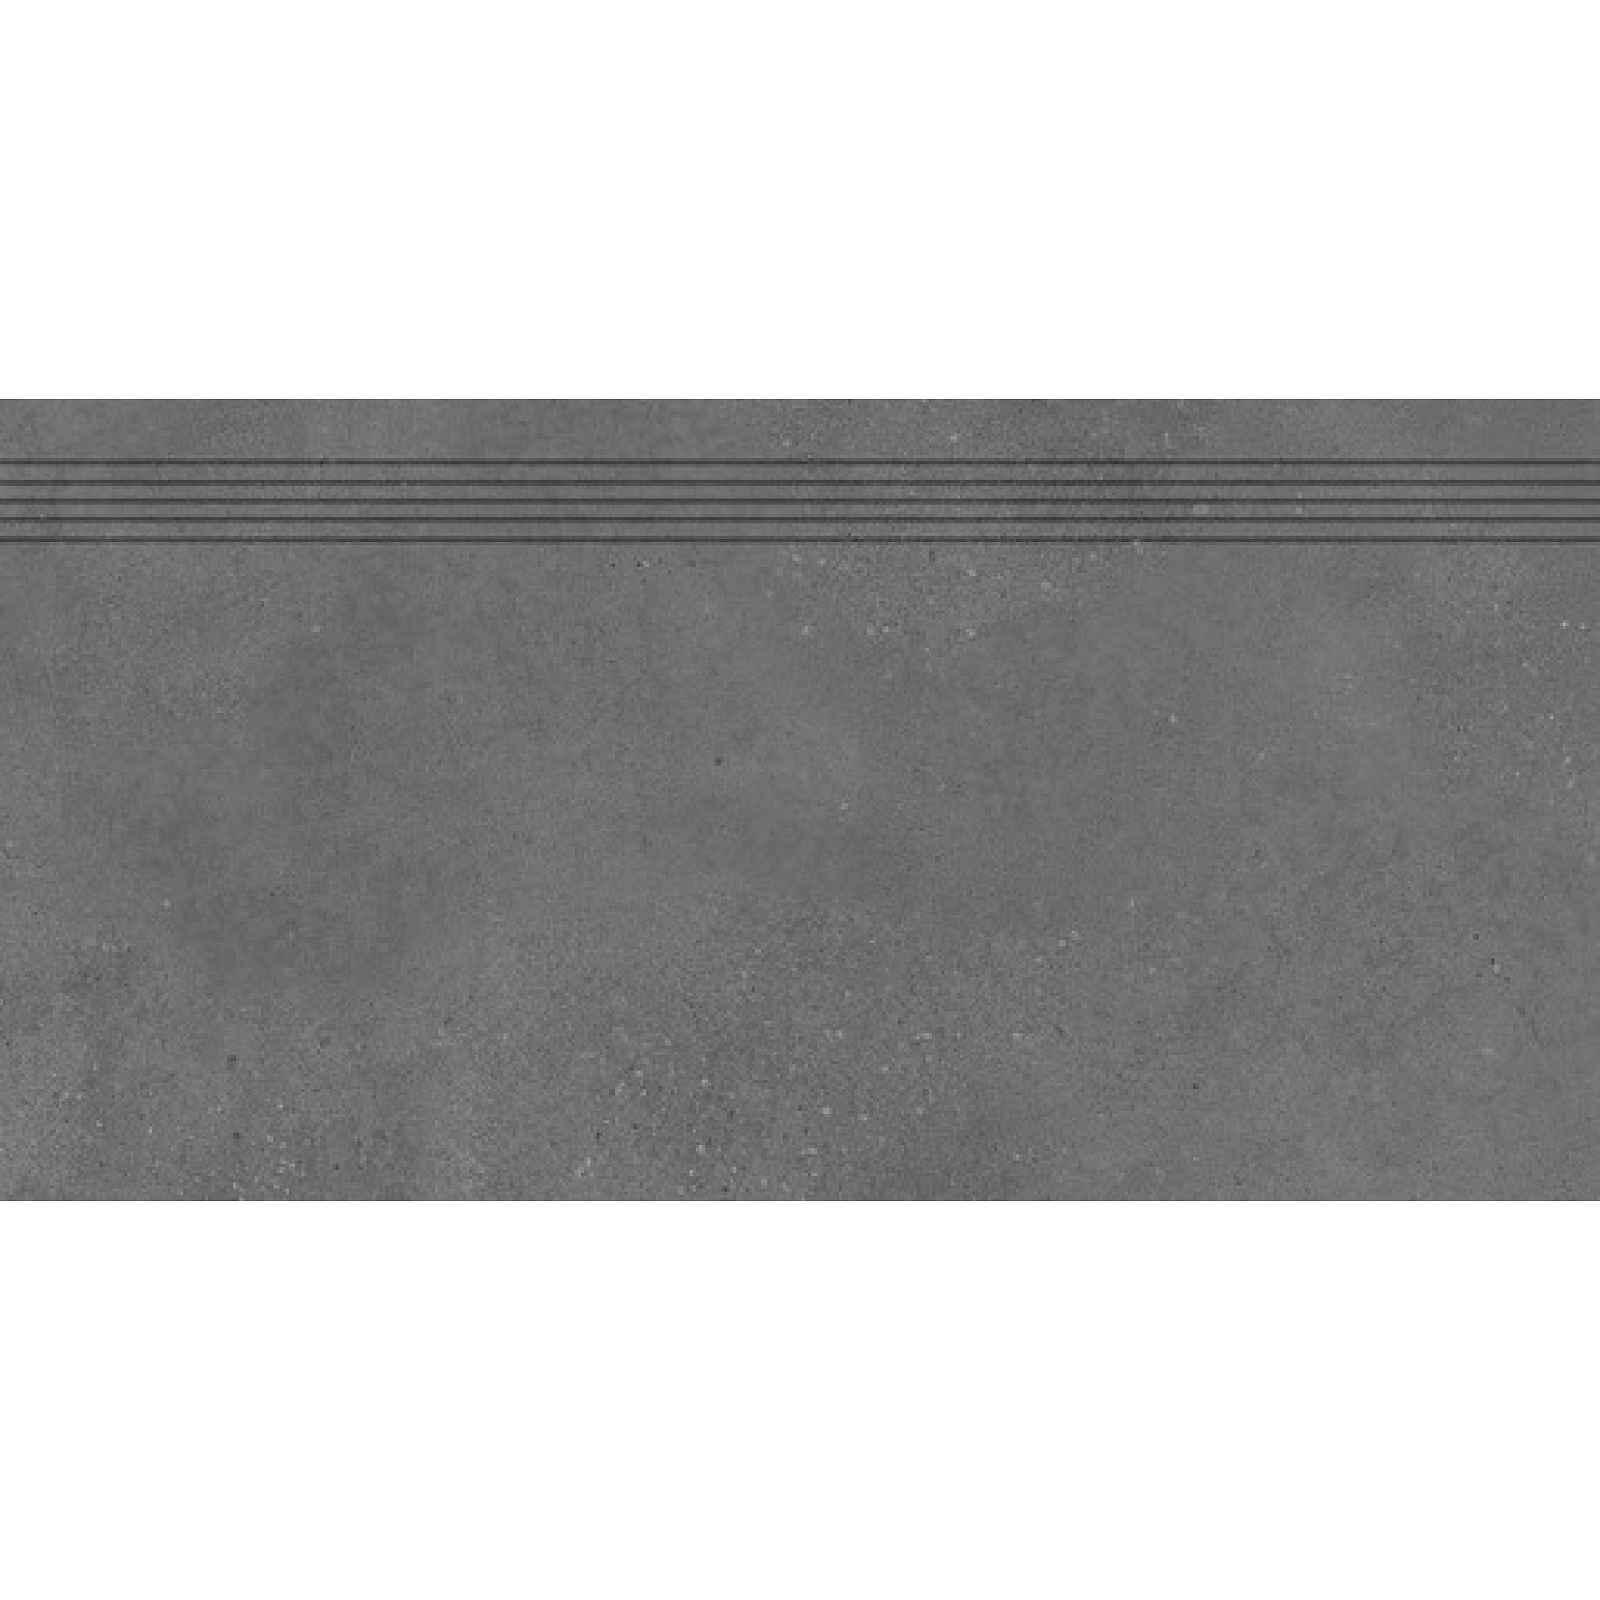 Schodovka RAKO Betonico černá 40x80 cm mat DCP84792.1